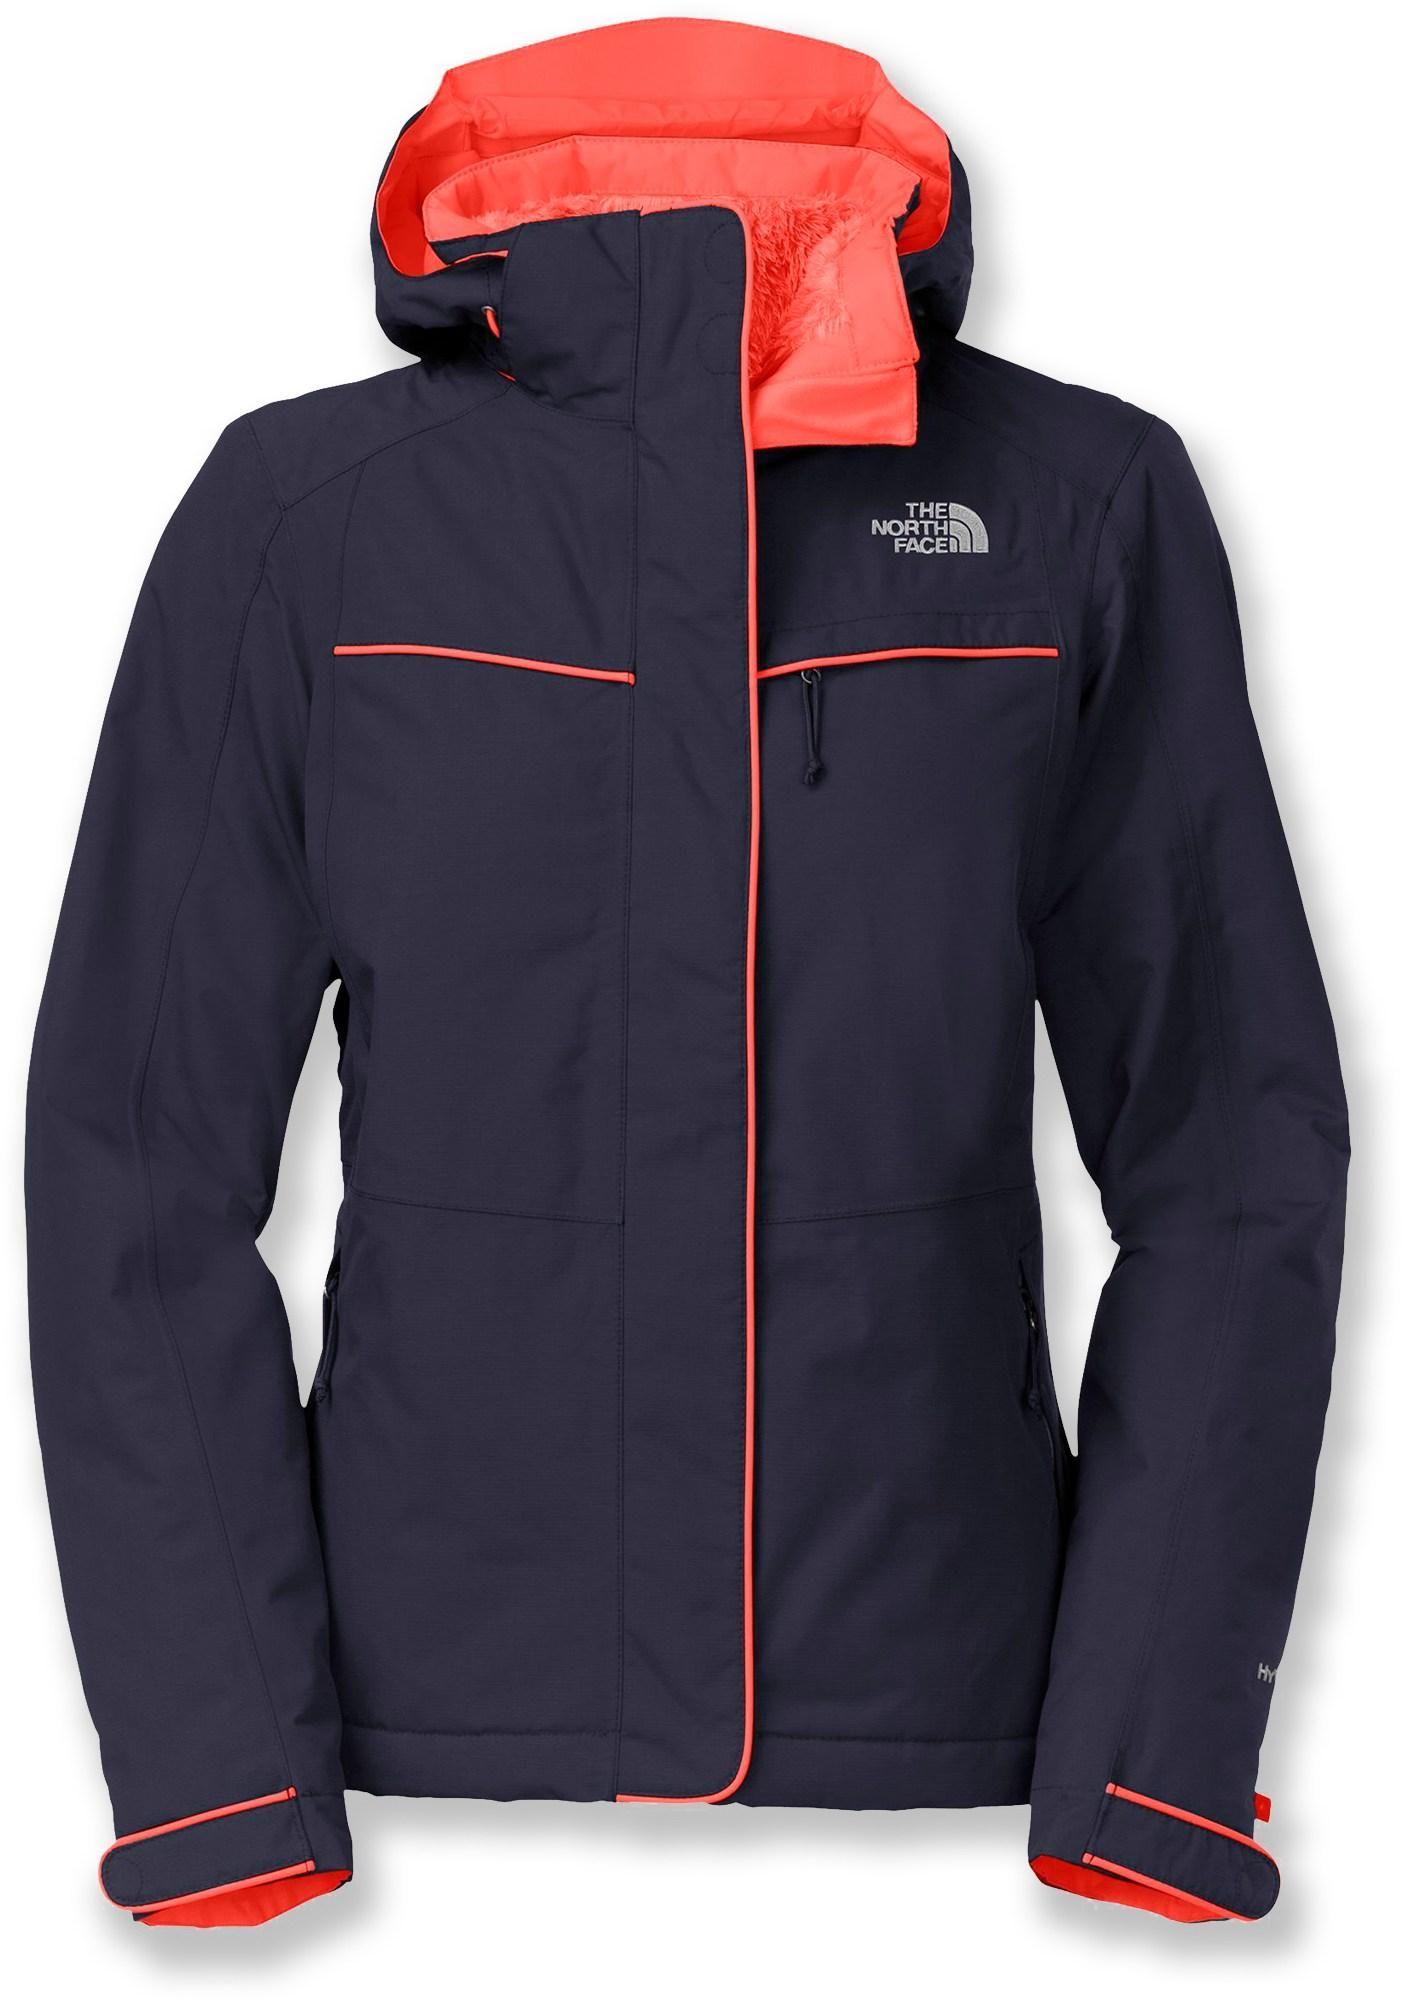 sitio oficial buena textura muchos estilos Inlux Insulated Jacket - Women's | ROPA DEPORTIVA Y ...